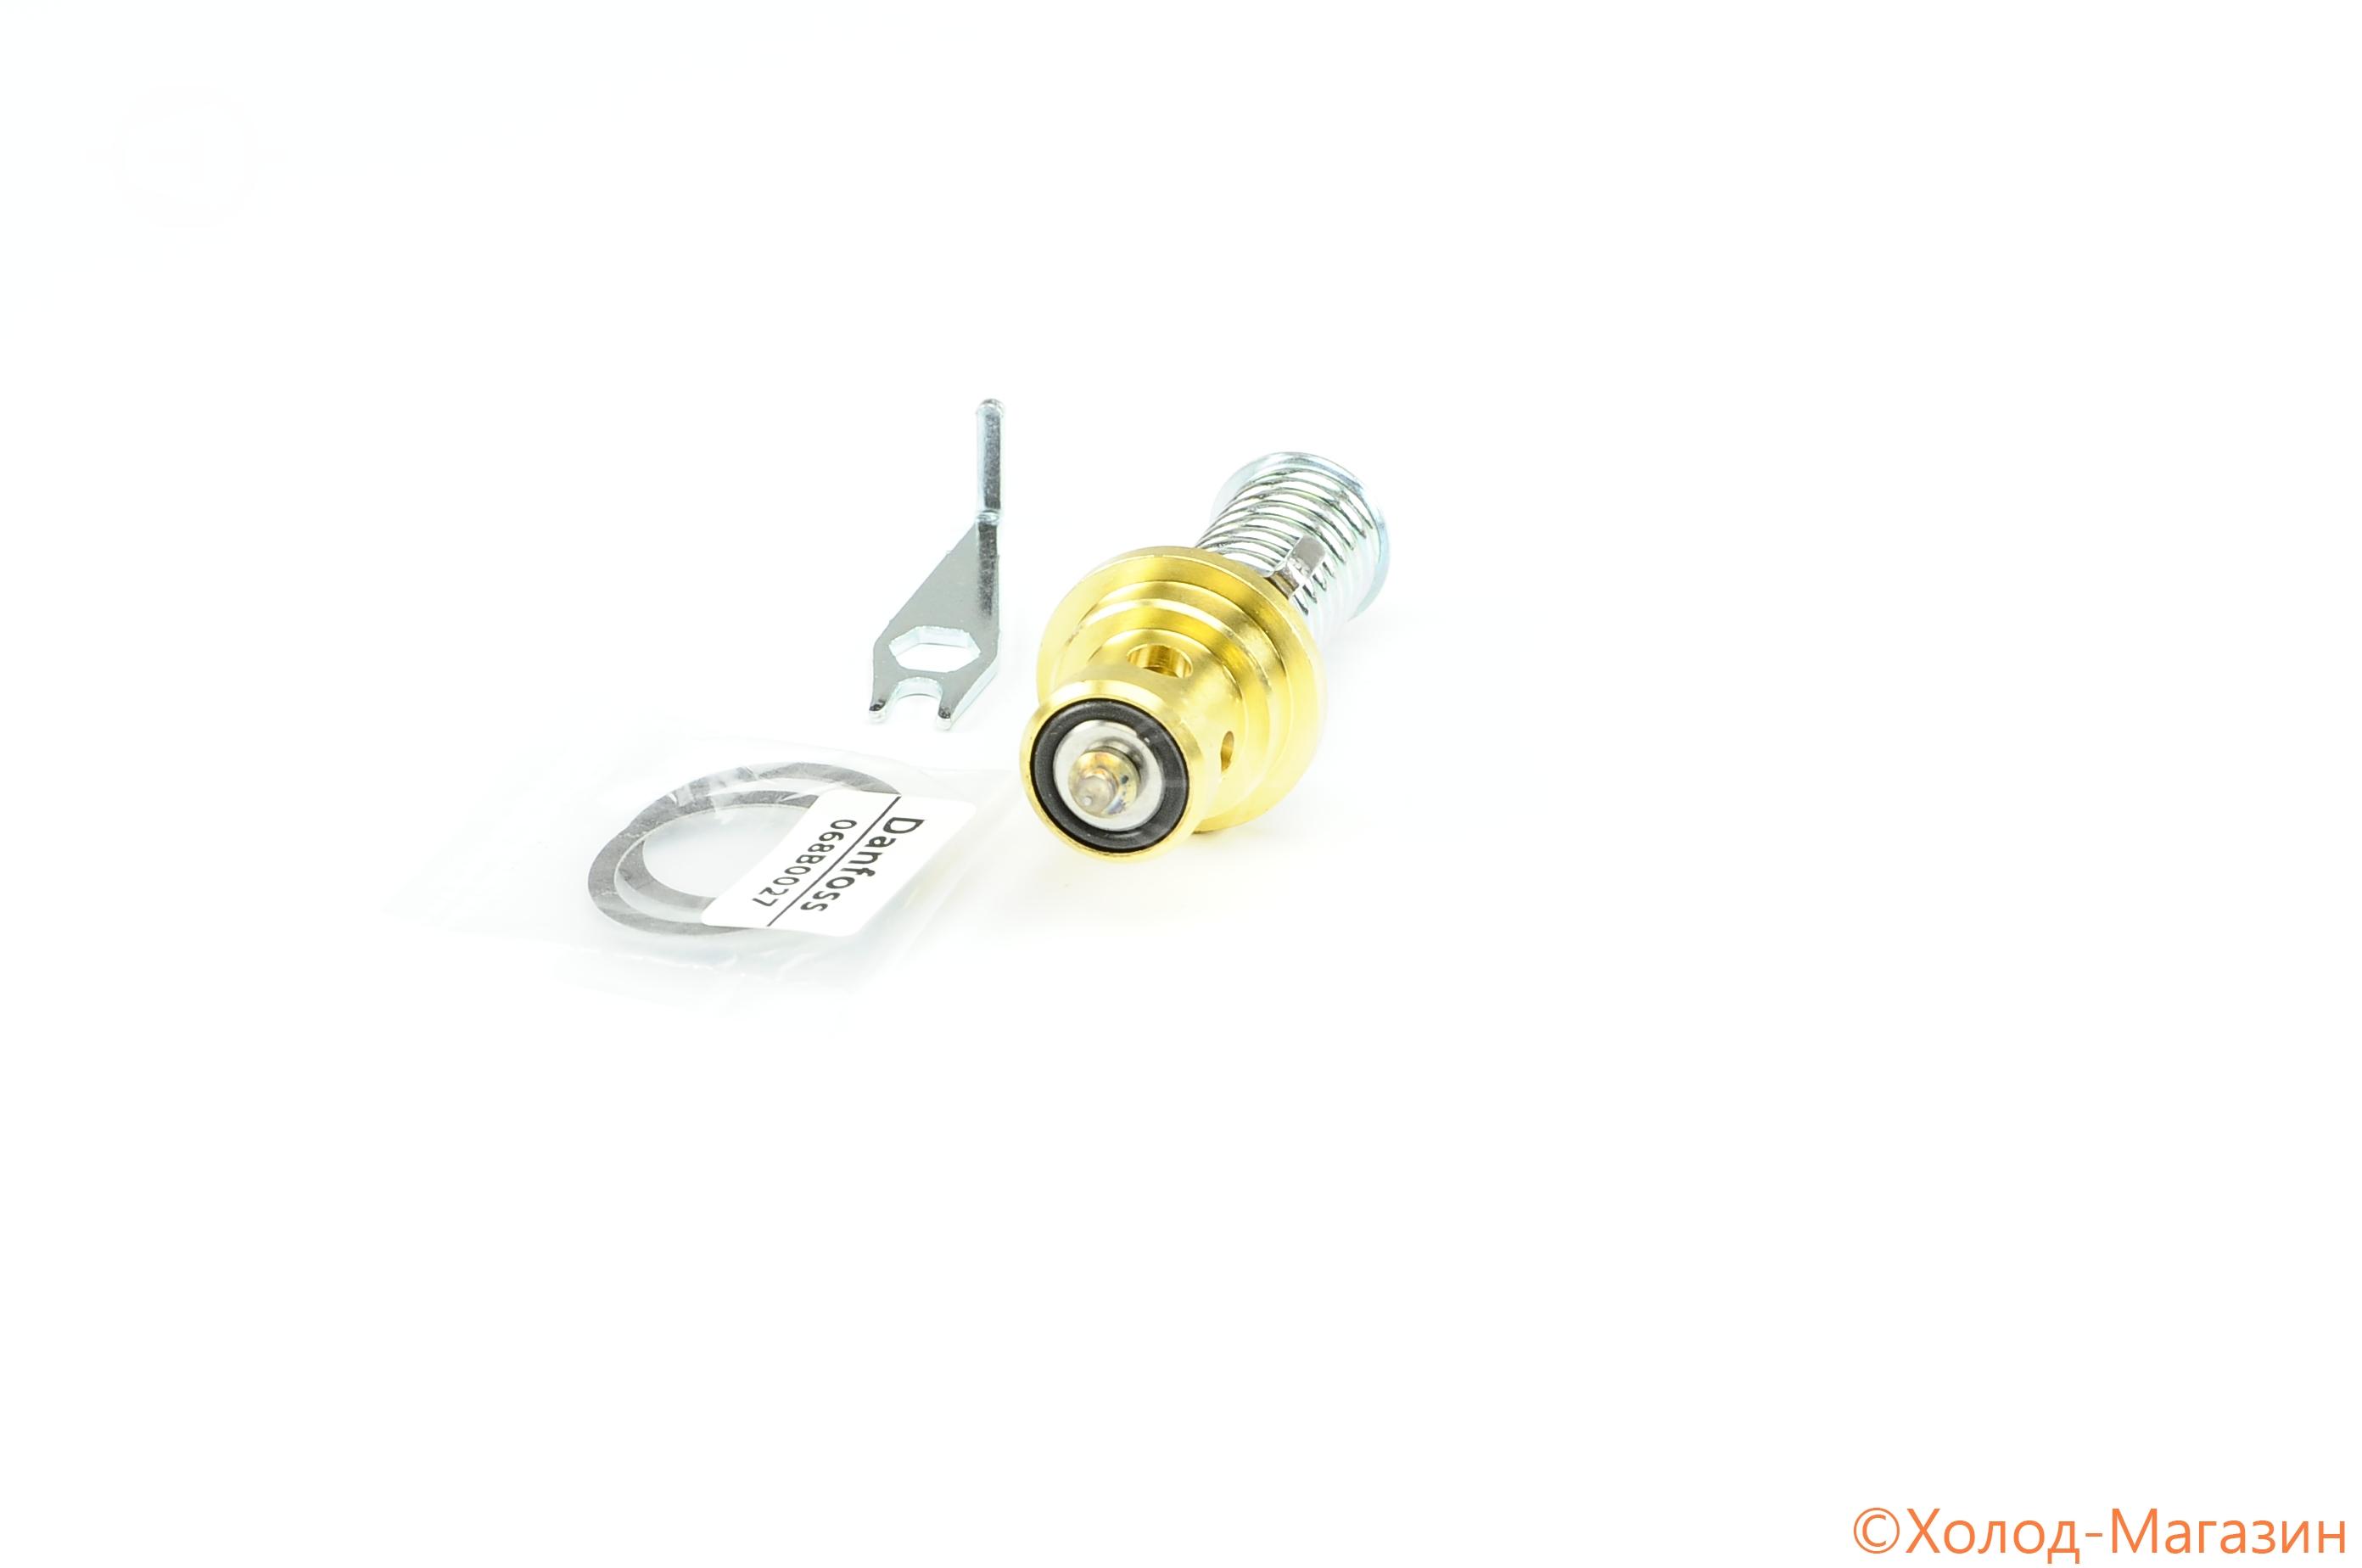 Узел клапанный № 3 (TE 5), Danfoss